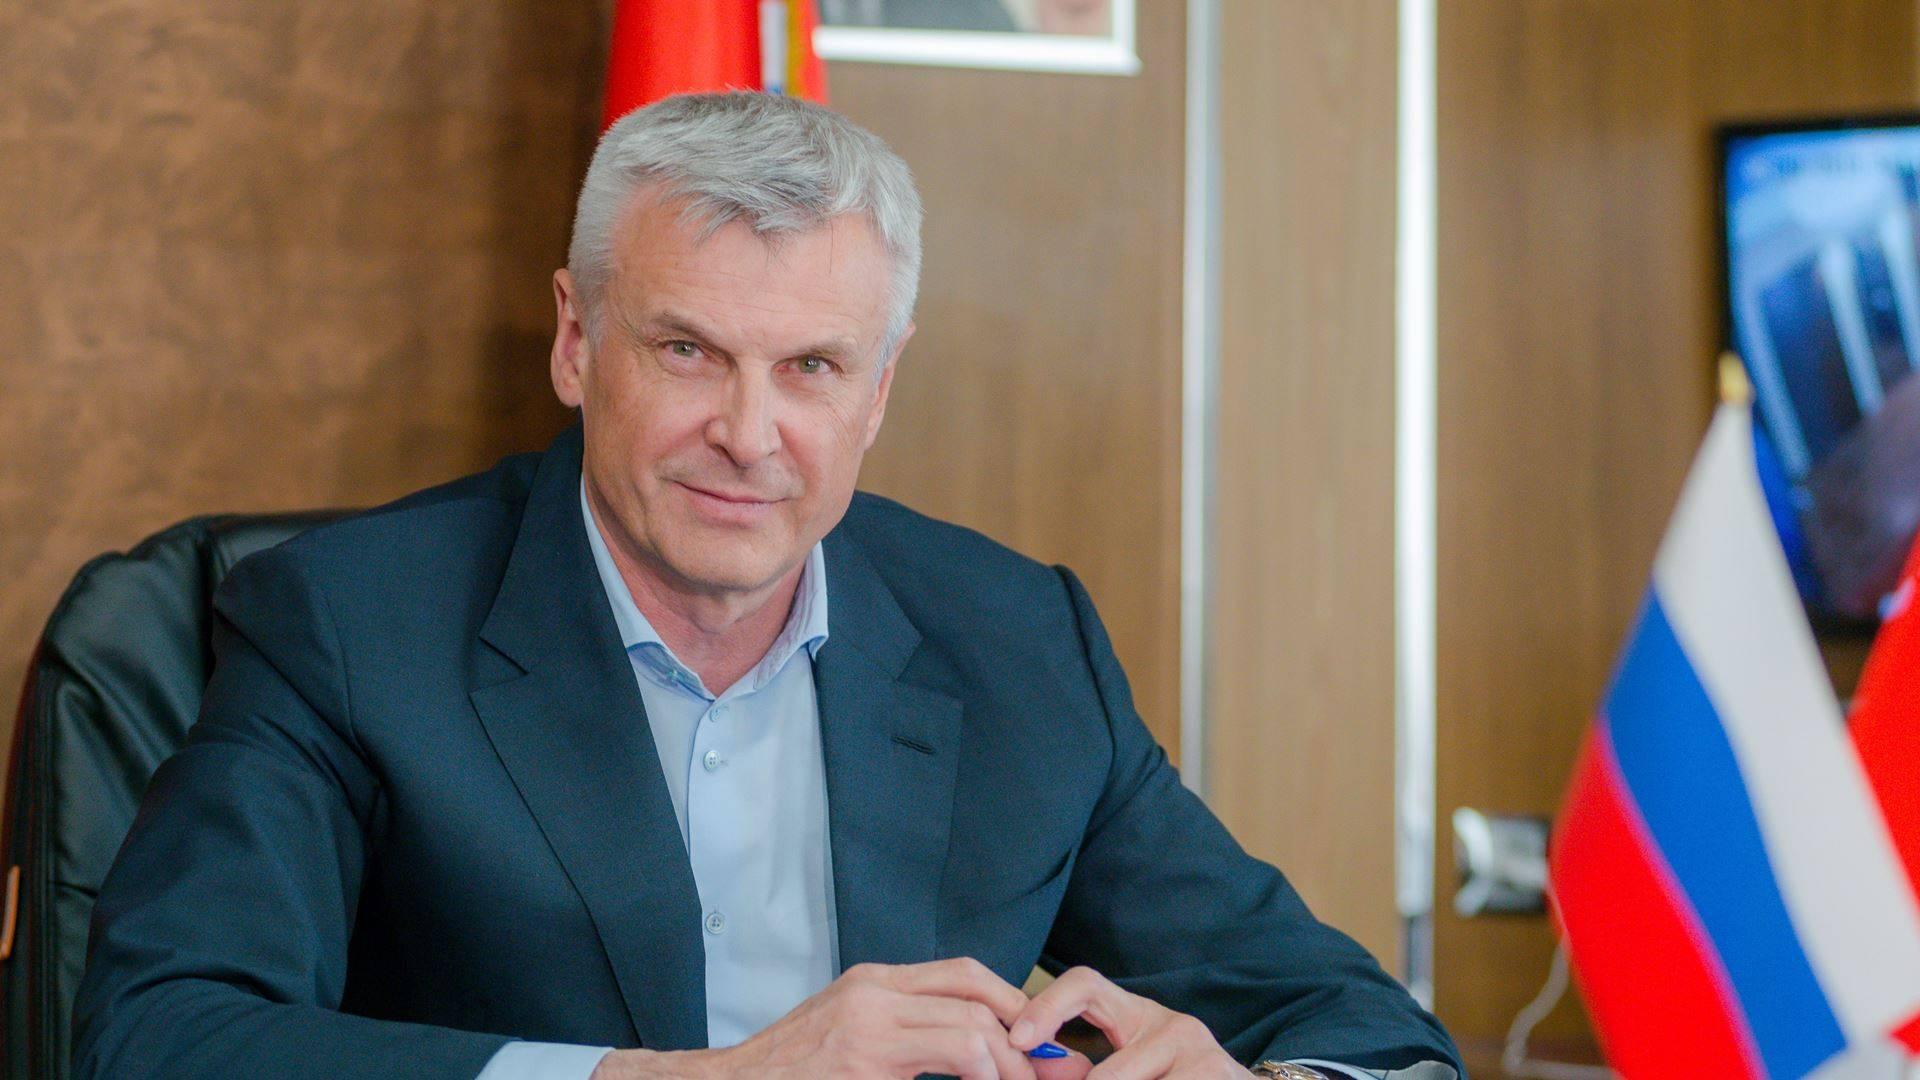 Сергей Носов: Создать комфортные условия жизни в Магаданской области